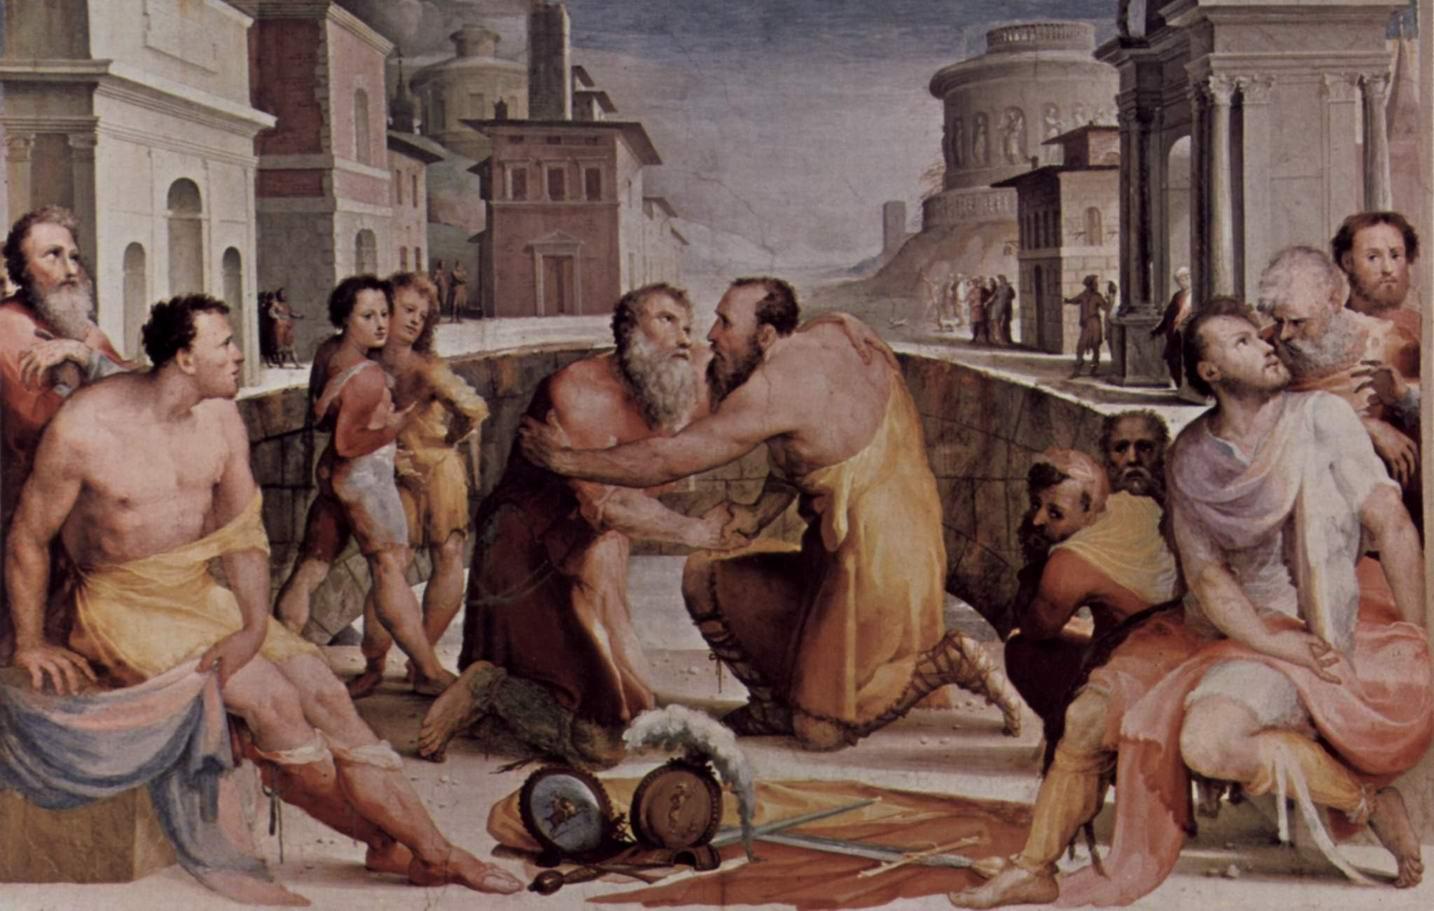 Аллегорический цикл фресок (Политические добродетели) из Палаццо Пубблико в Сиене. Примирение Эмилия Лейда и Флавия Флакка, Беккафуми Доменико